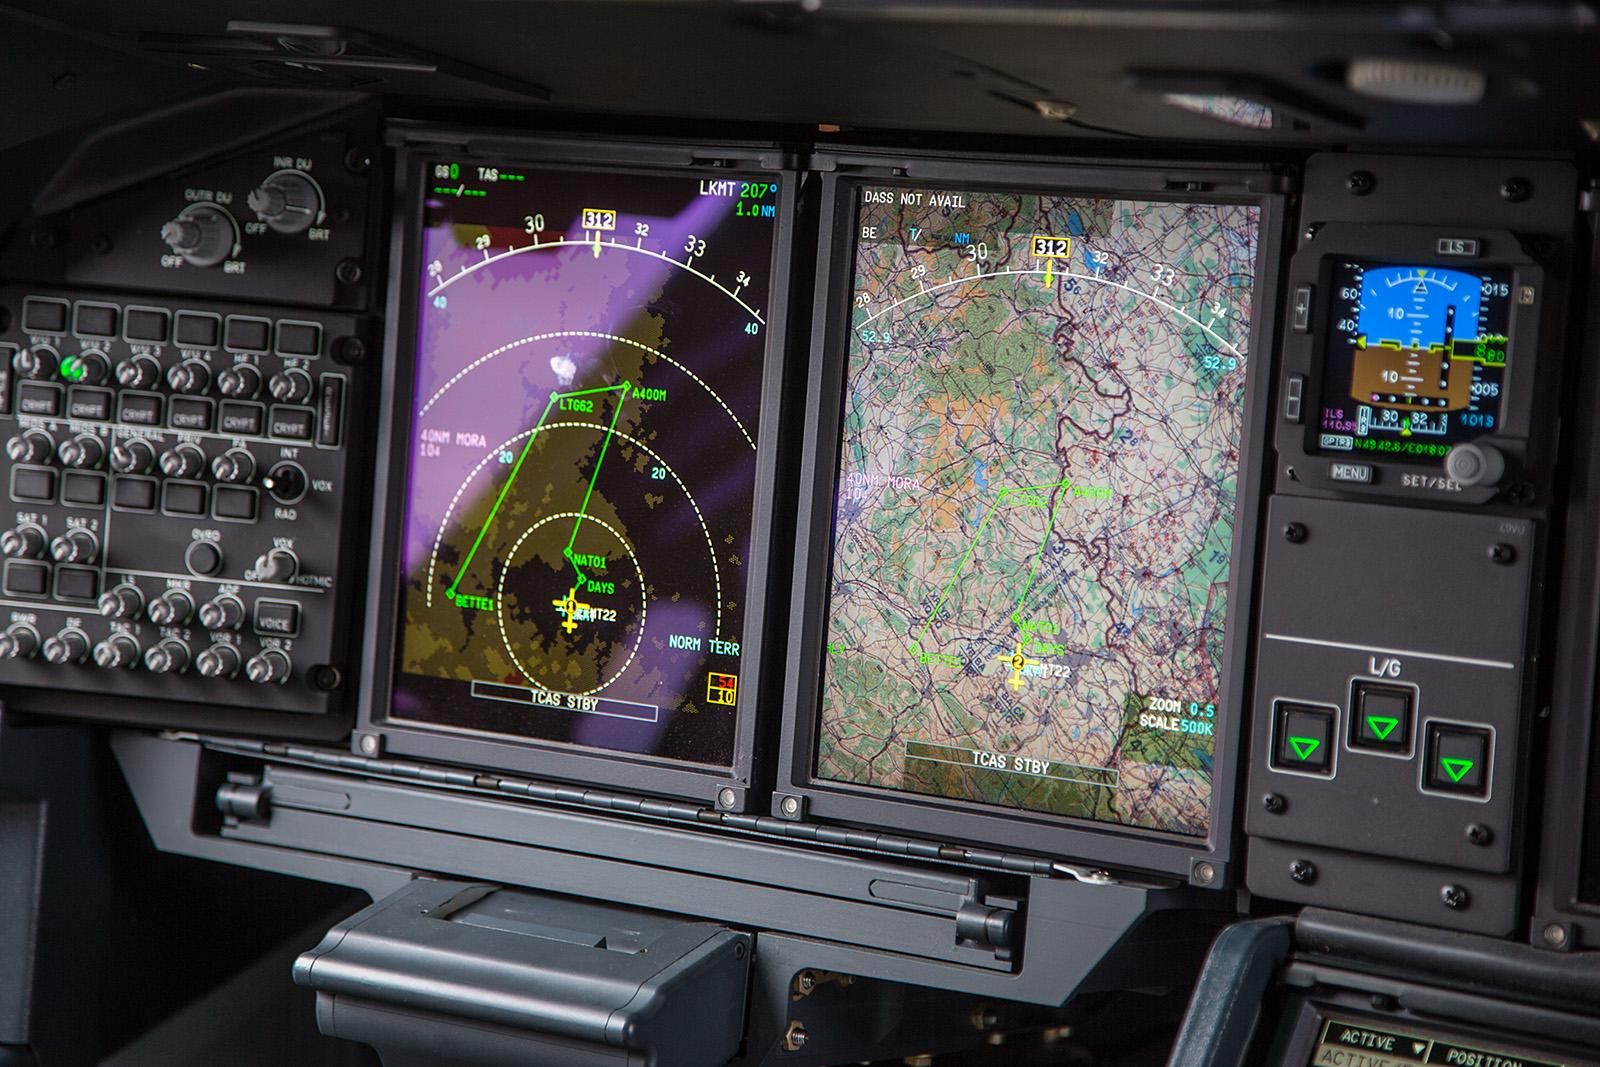 Bis auf die Farbe und einige wenige Änderungen in der Anordnung der Instrumente gleicht das Cockpit dem der A380.